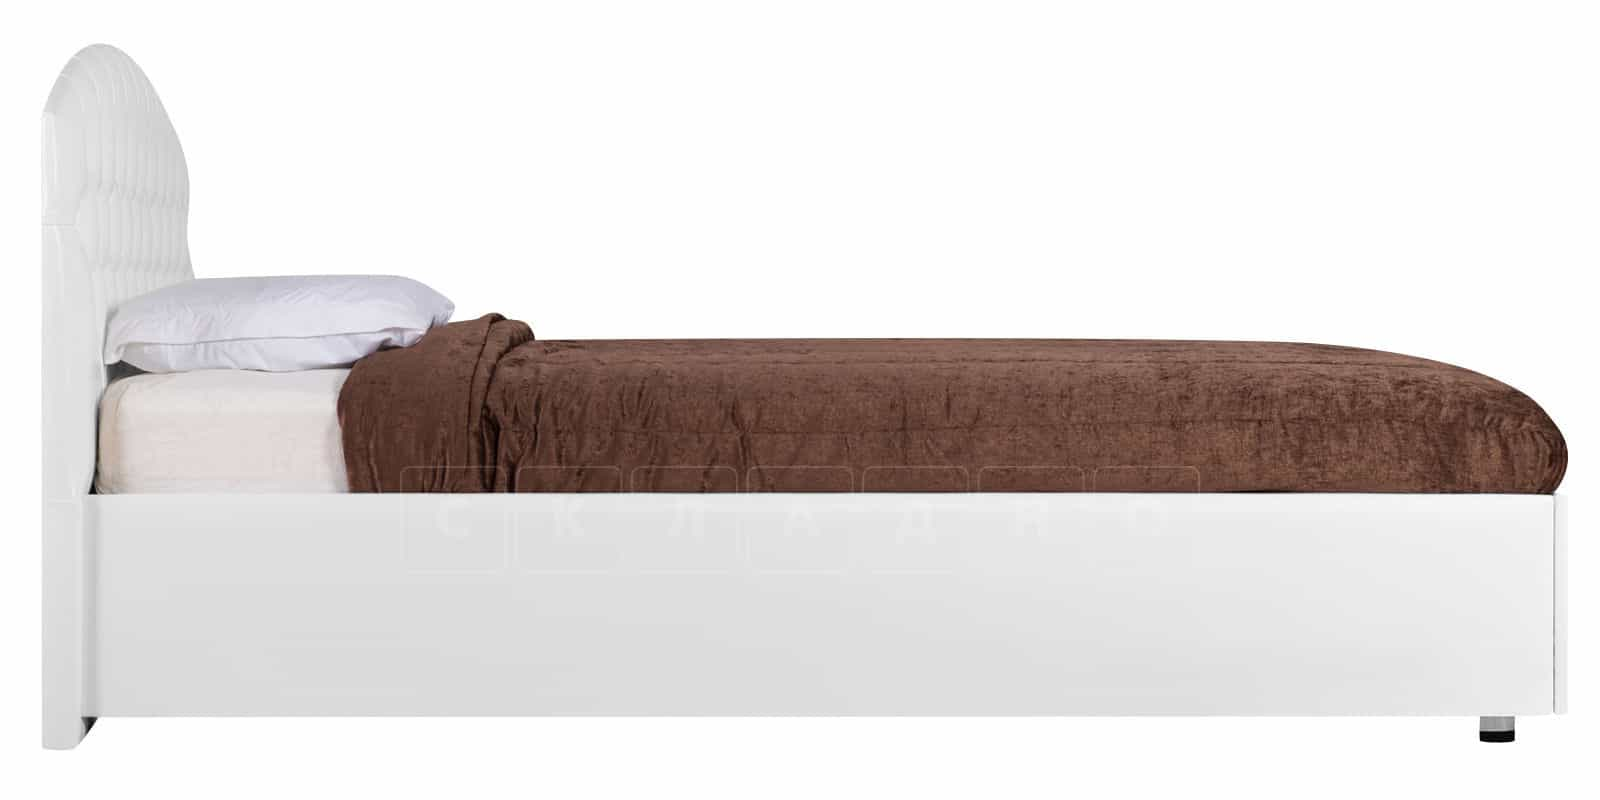 Мягкая кровать Малибу 160см экокожа белого цвета вариант 1-2 фото 3 | интернет-магазин Складно